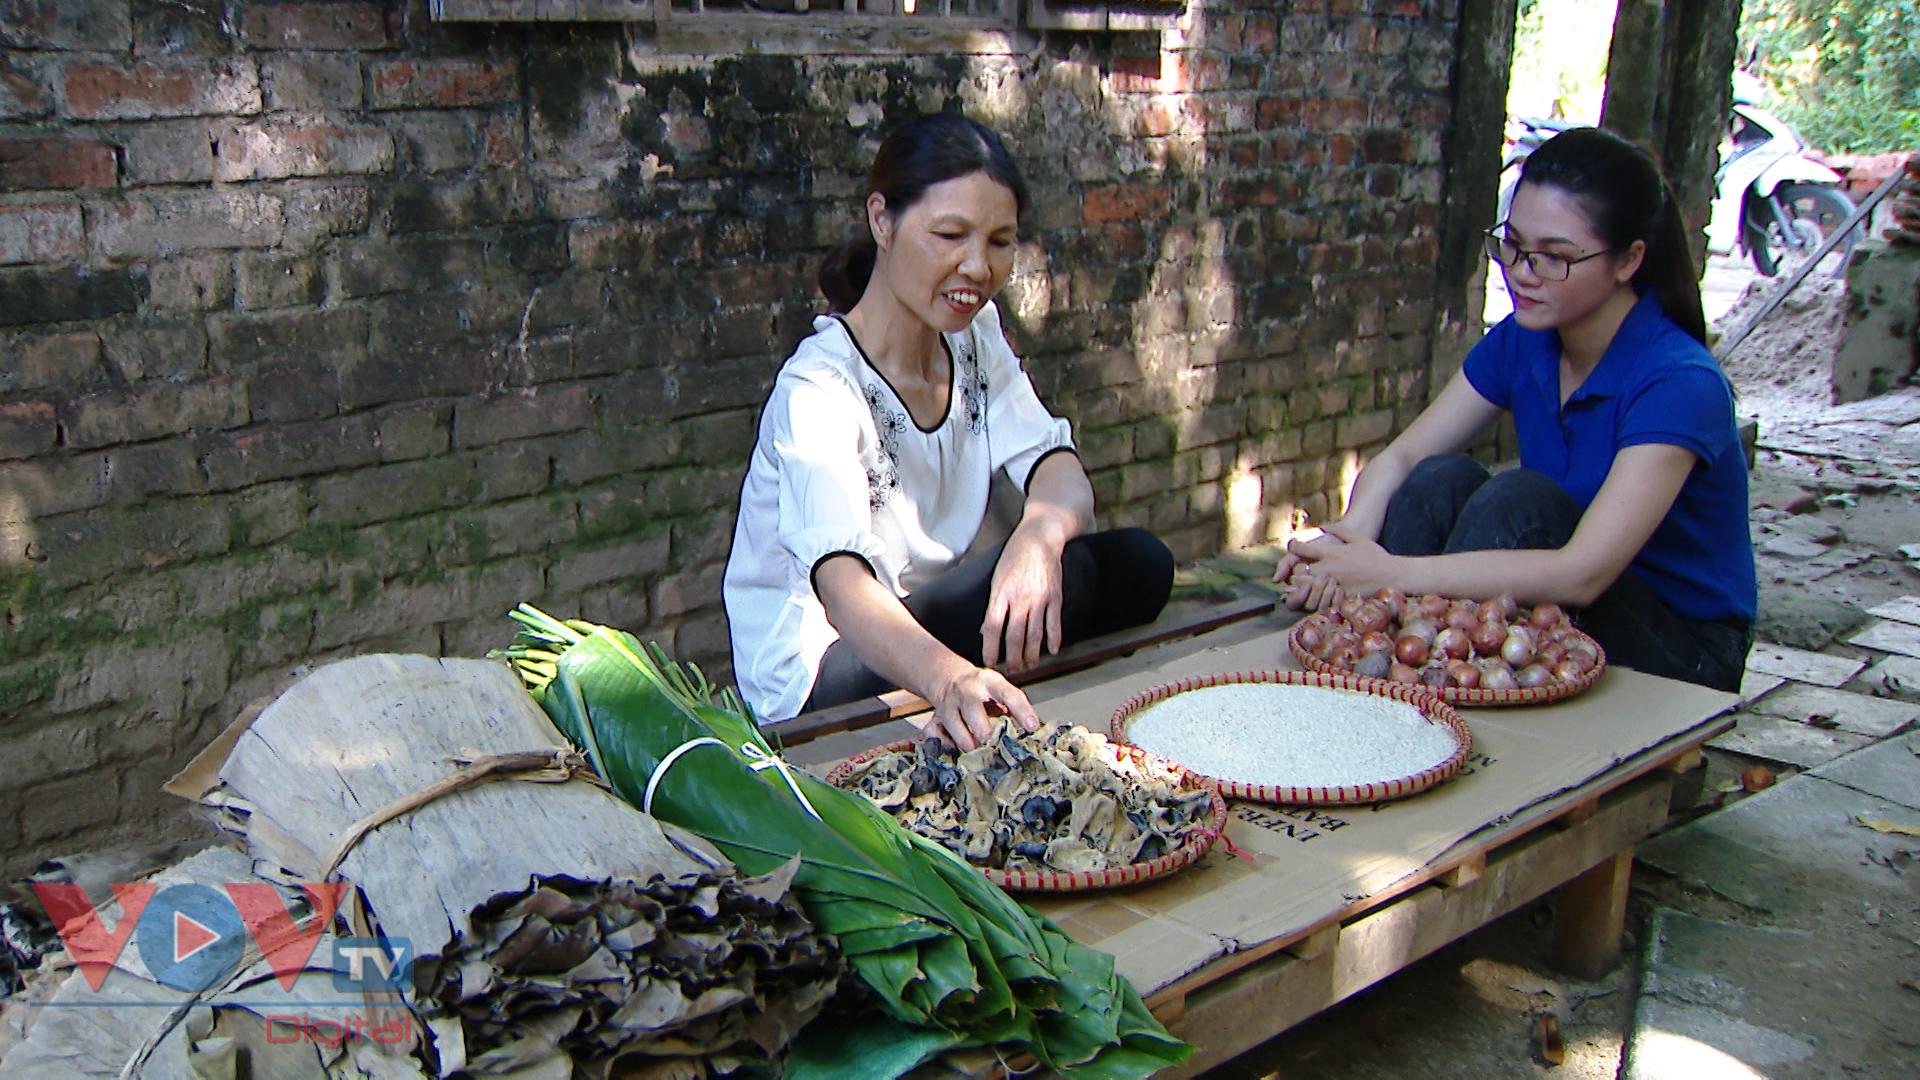 Bánh tẻ Phú Nghi - Thức quà dân dã từ thành cổ Sơn Tây - Ảnh 2.